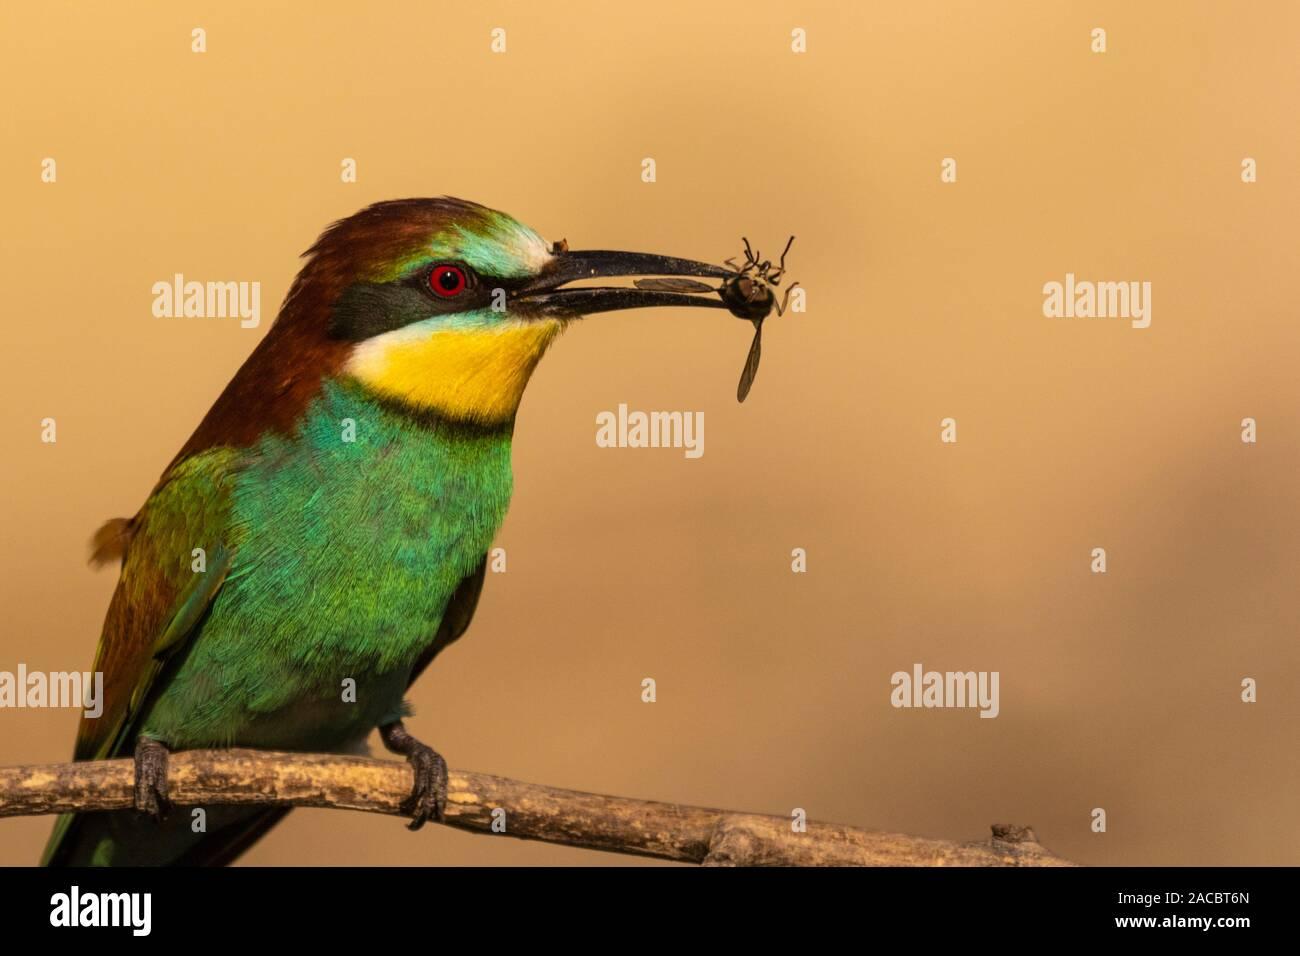 El Abejaruco Europeo, Merops apiaster, sentado en un palo con un insecto en su pico, de agradable y cálida luz matutina, Csongrad, Hungría Foto de stock